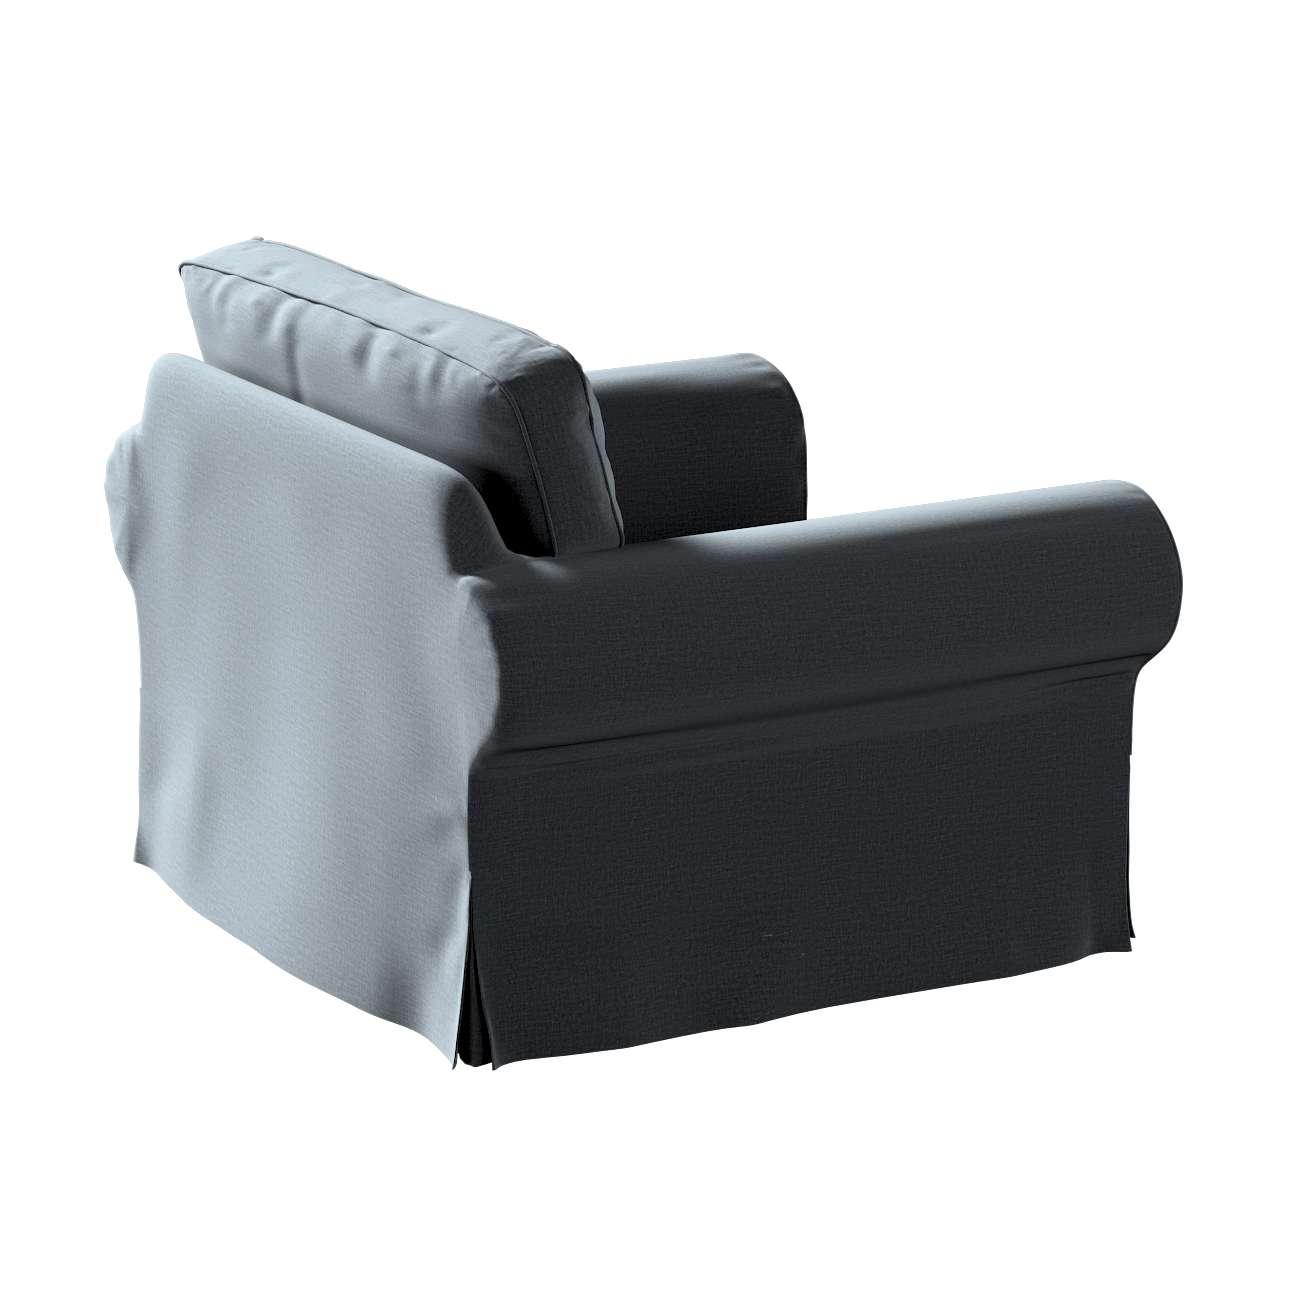 Pokrowiec na fotel Ektorp w kolekcji Ingrid, tkanina: 705-43